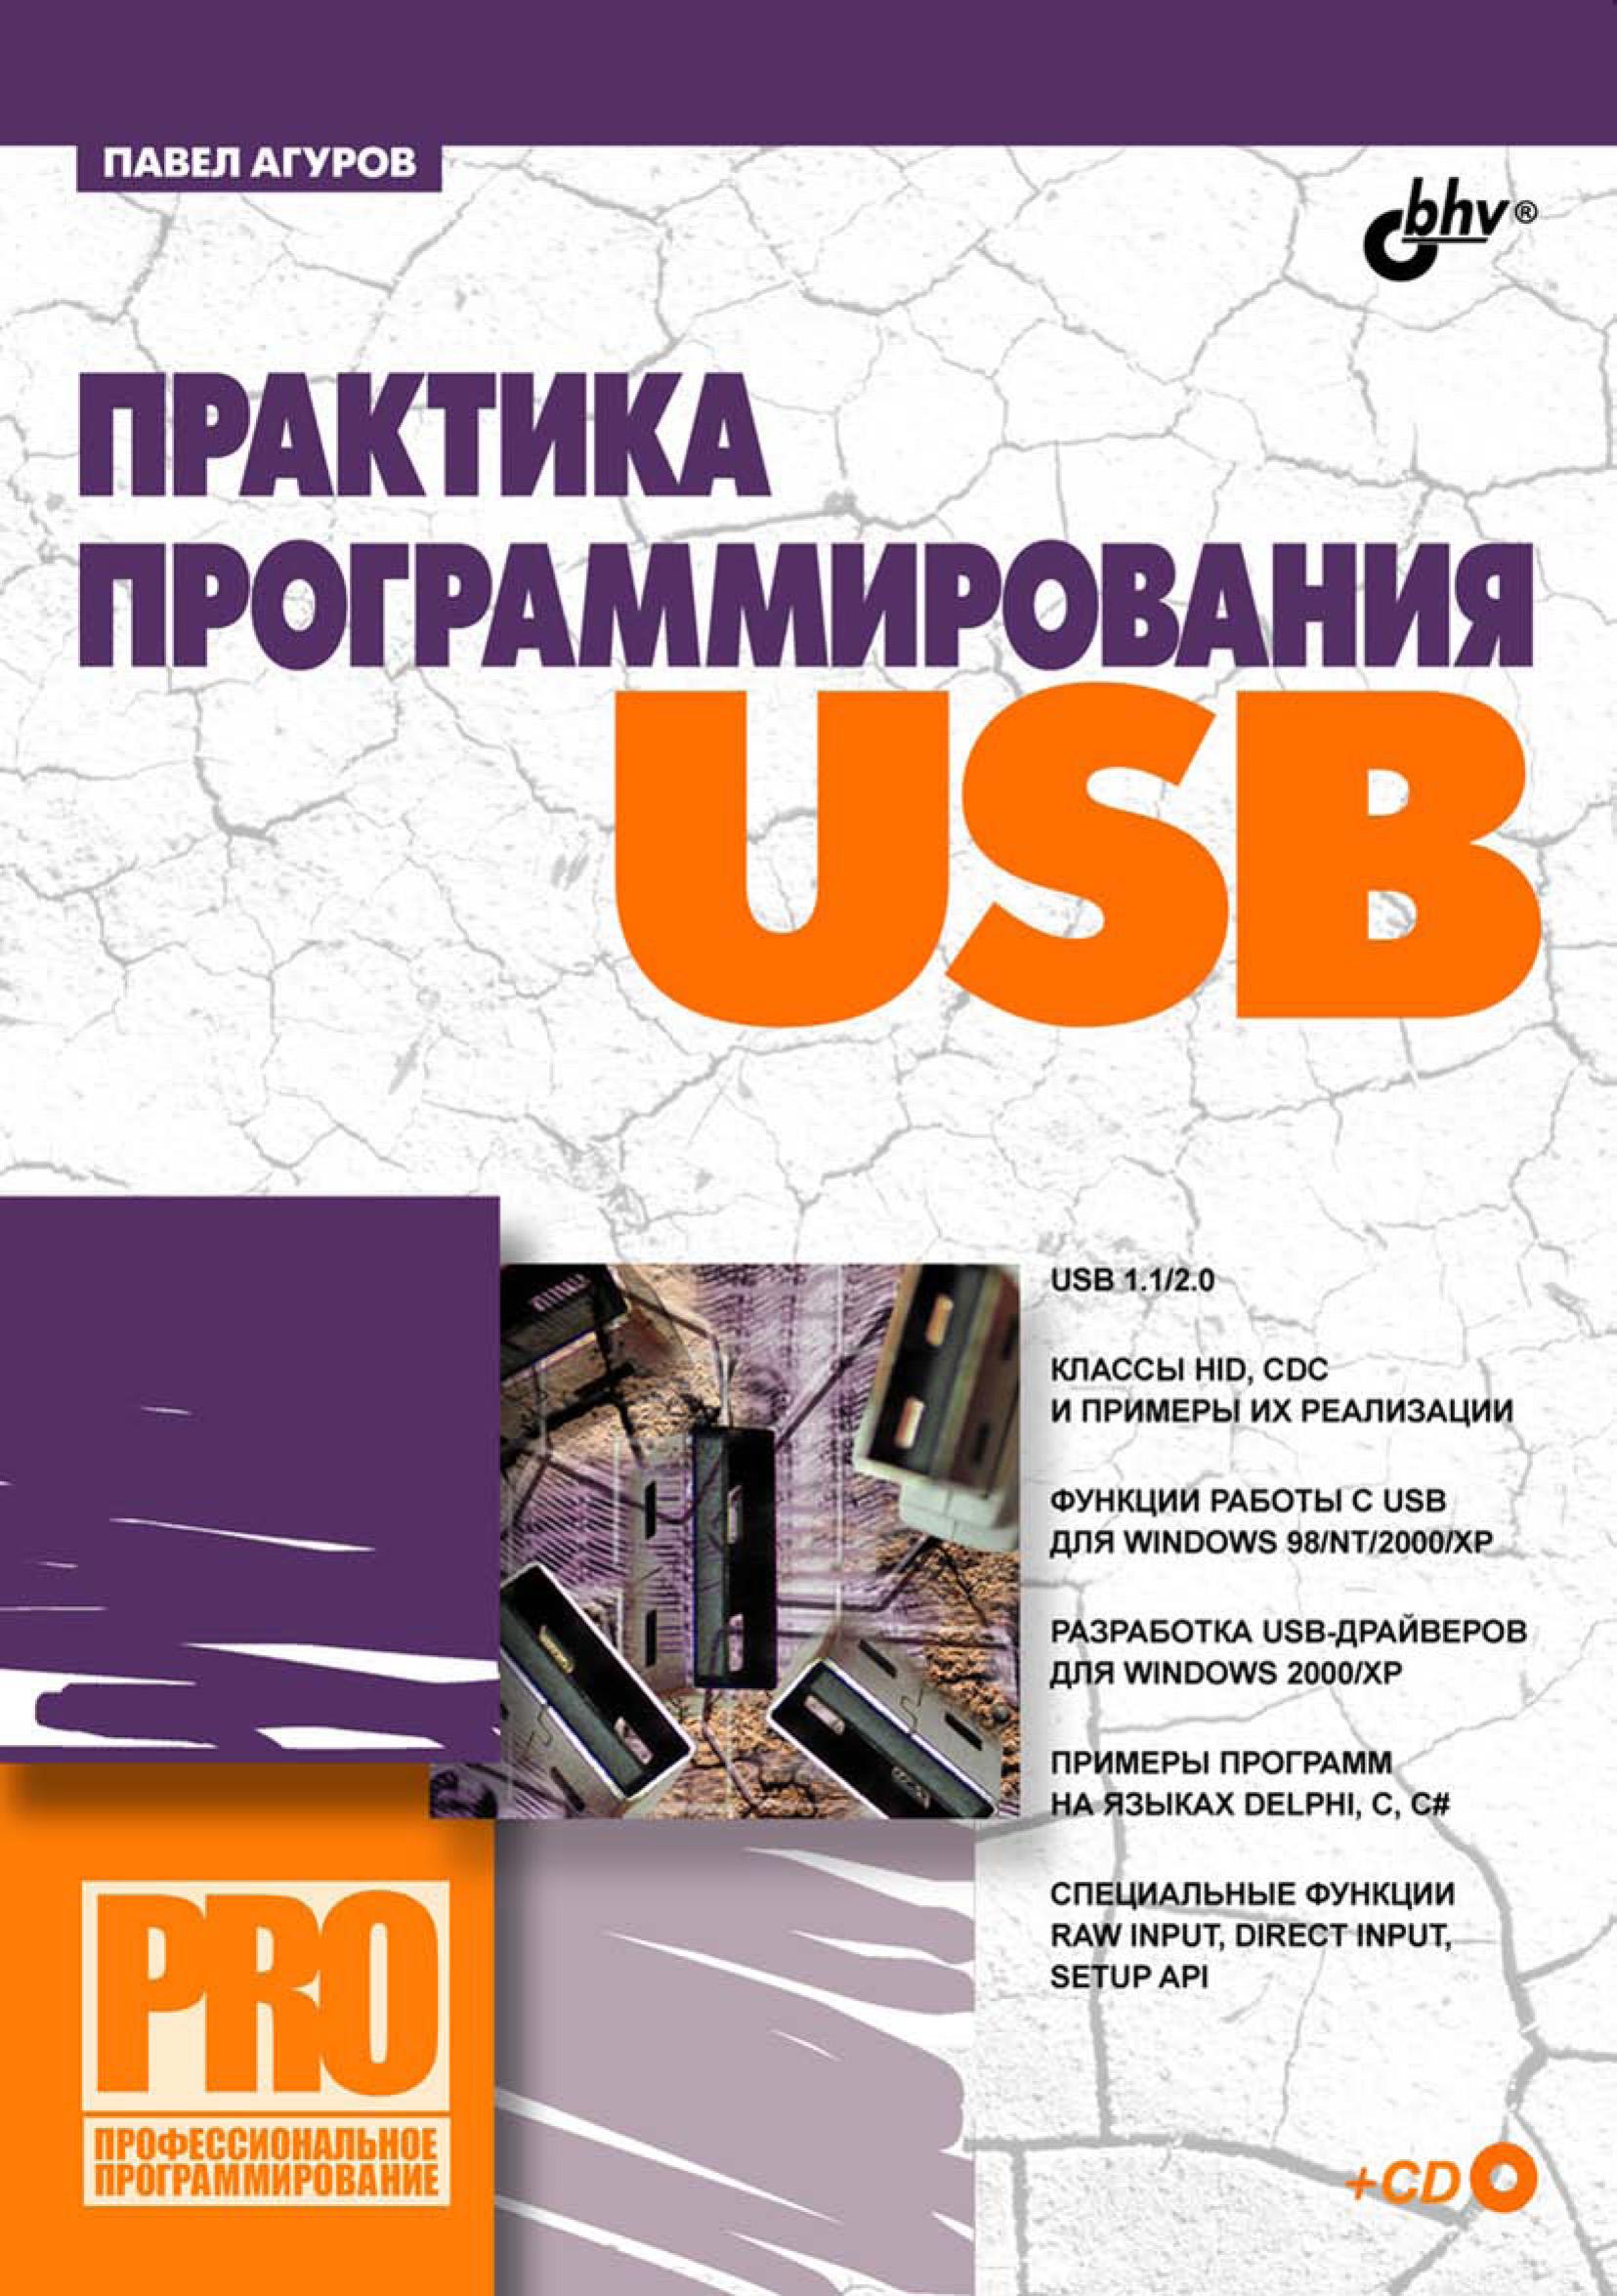 Павел Агуров Практика программирования USB драйвера под xp для ноутбуков